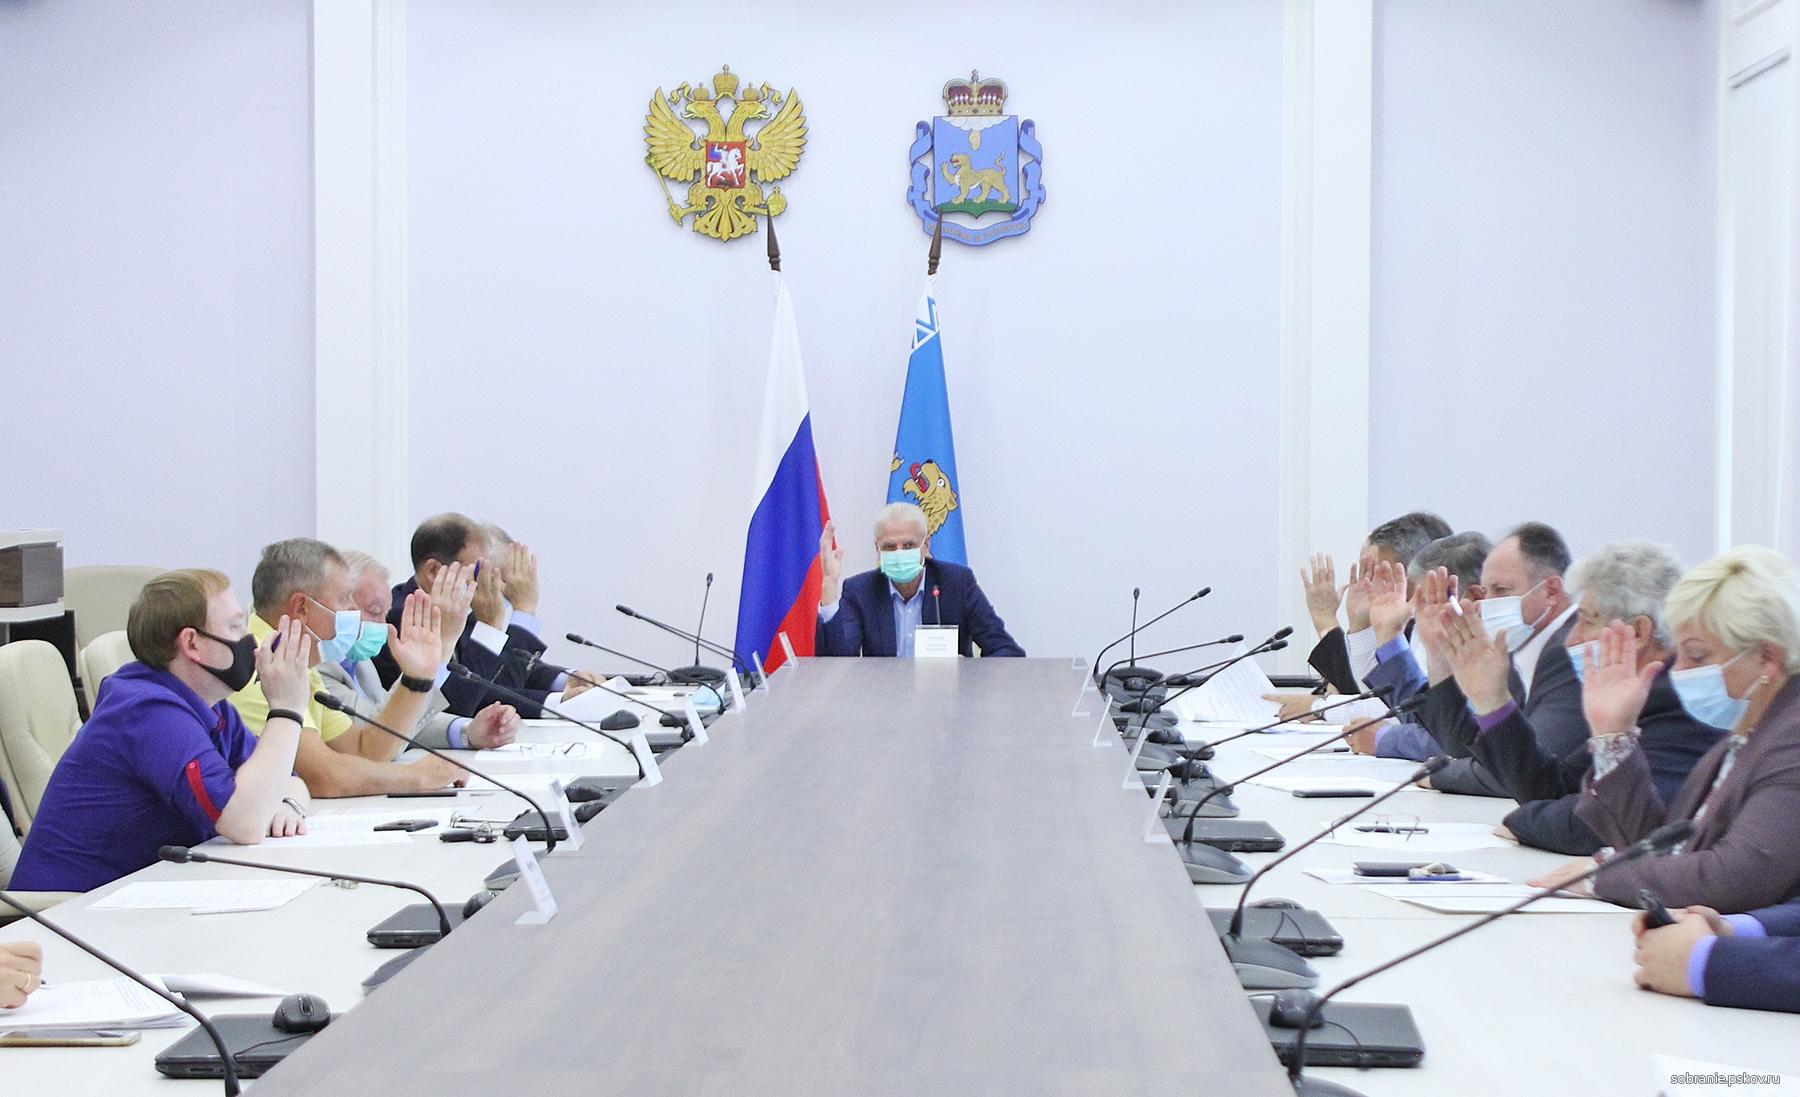 фото ЗакС политика В Псковской области с целью экономии бюджета хотят сократить число депутатов